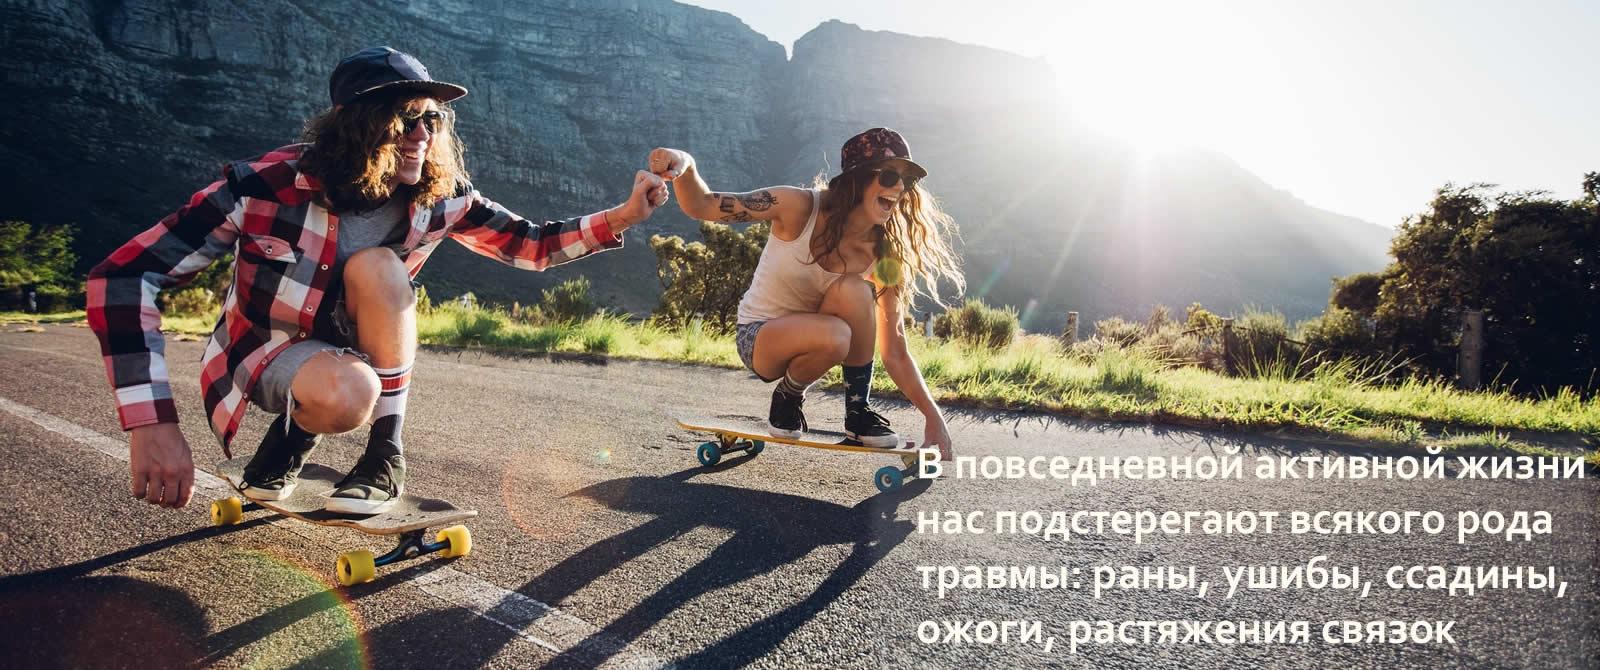 В повседневной активной жизни  нас часто подстерегают всякого рода травмы: раны, ушибы, ссадины, ожоги, растяжения связок.